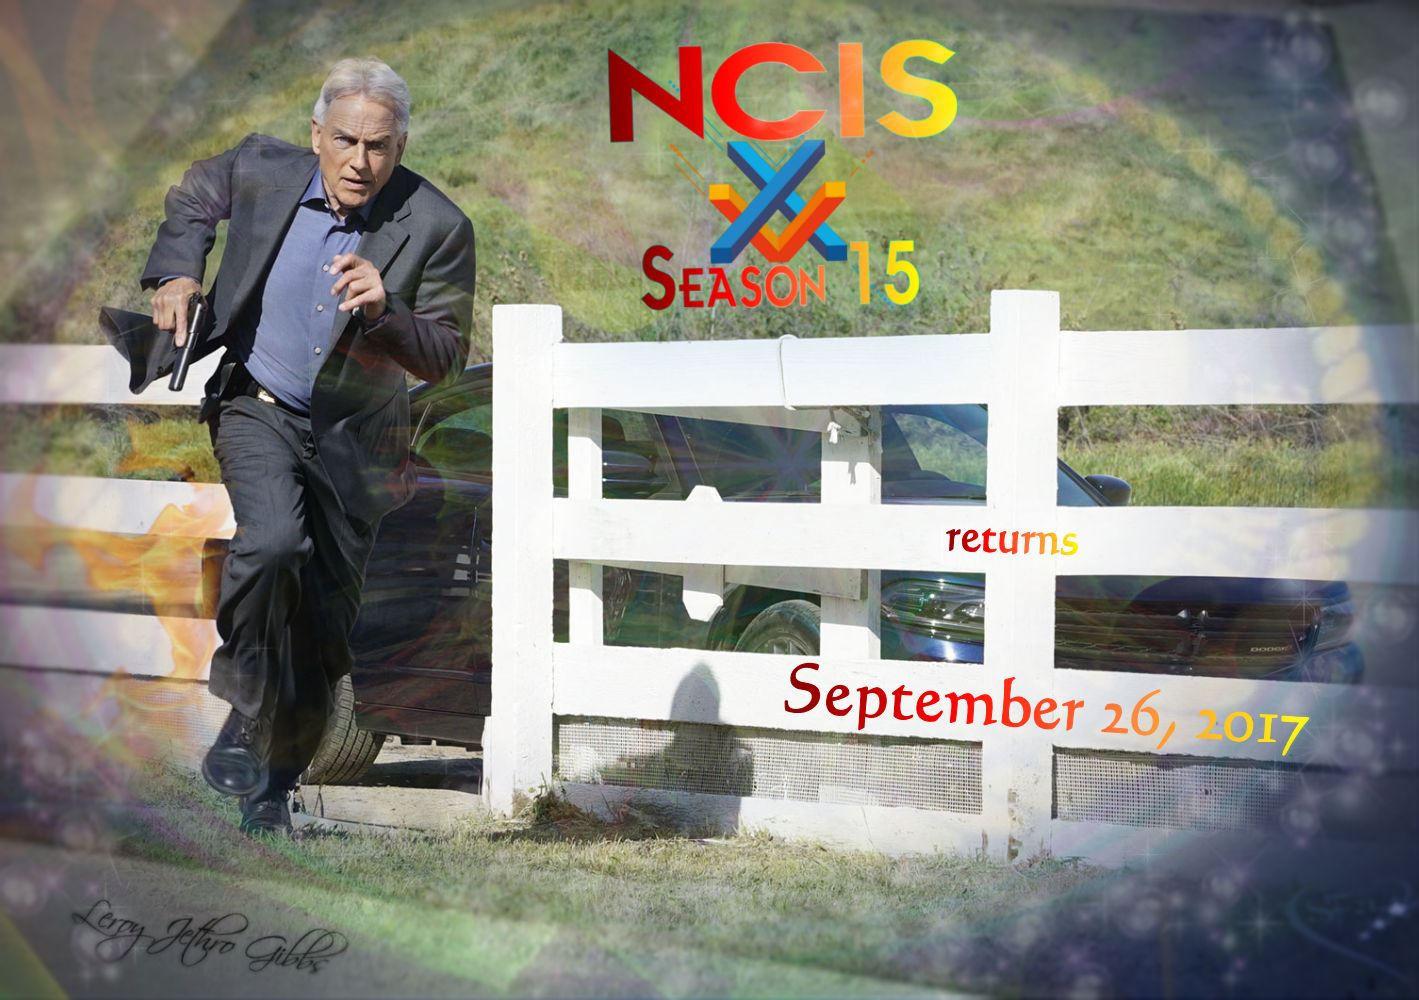 NCIS S15 returns 26 September 2017